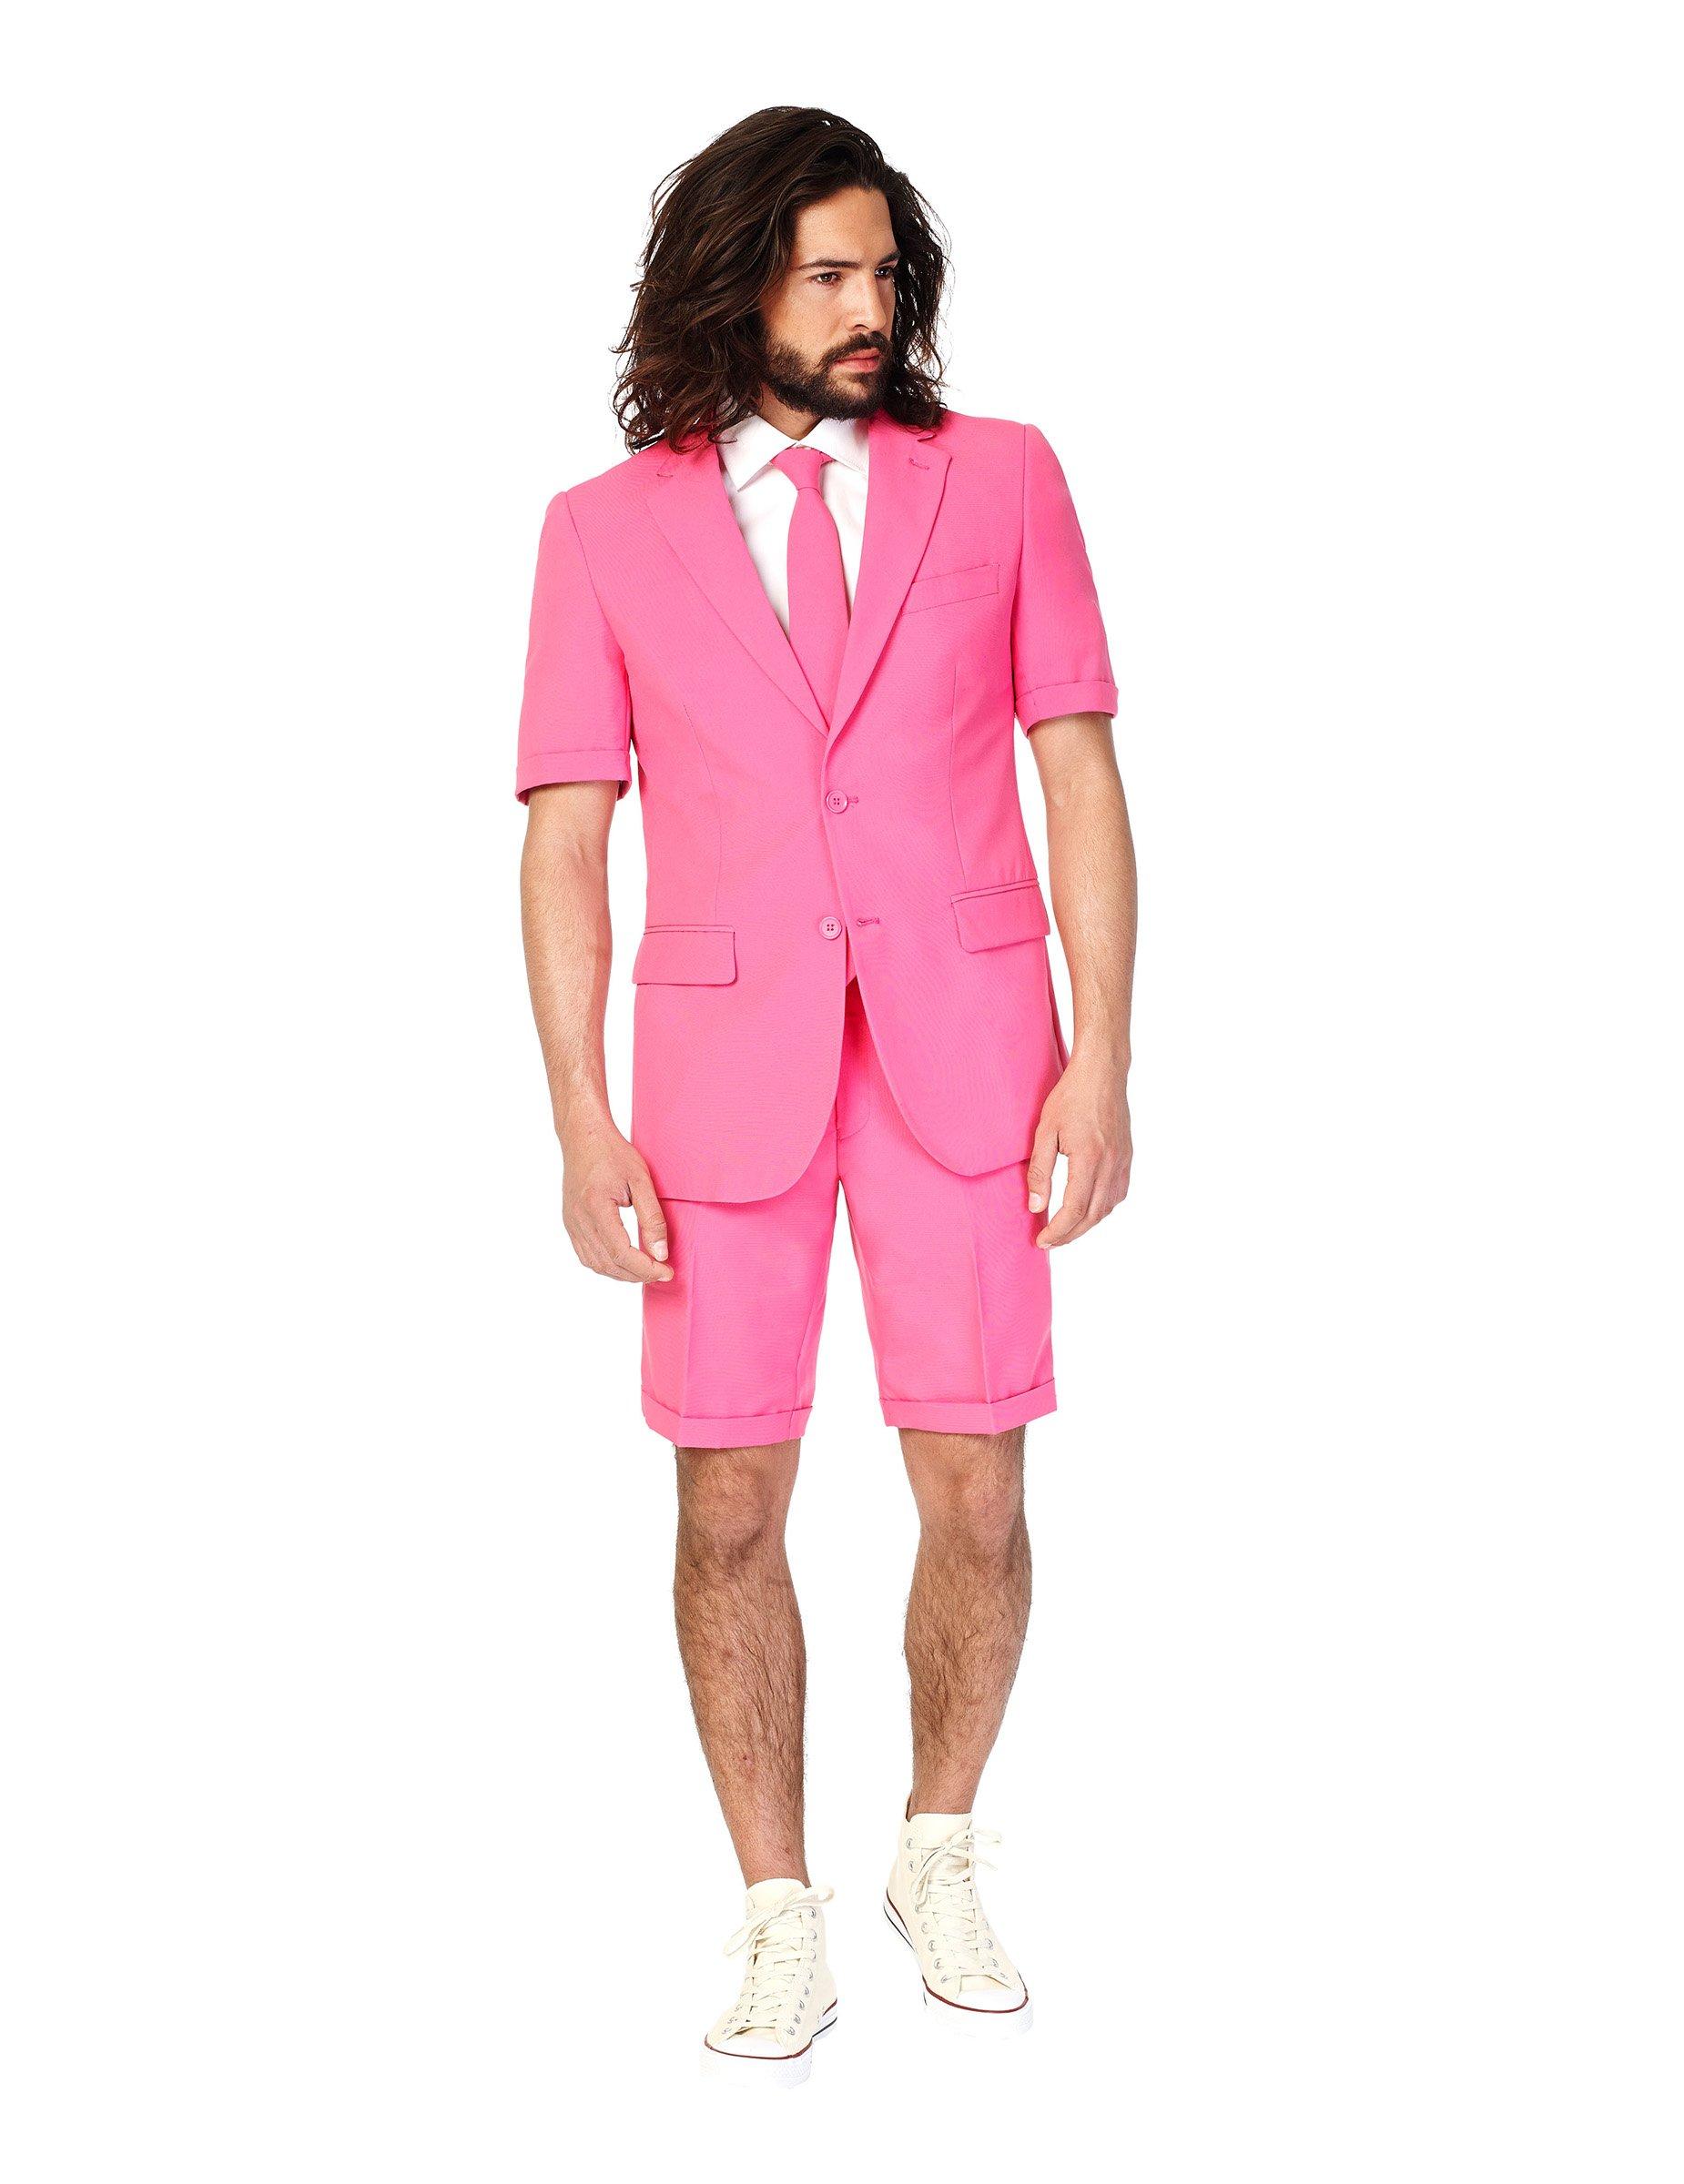 Costume d 39 t mr pink homme opposuits achat de d guisements adultes sur vegaoopro grossiste - Costume homme ete ...